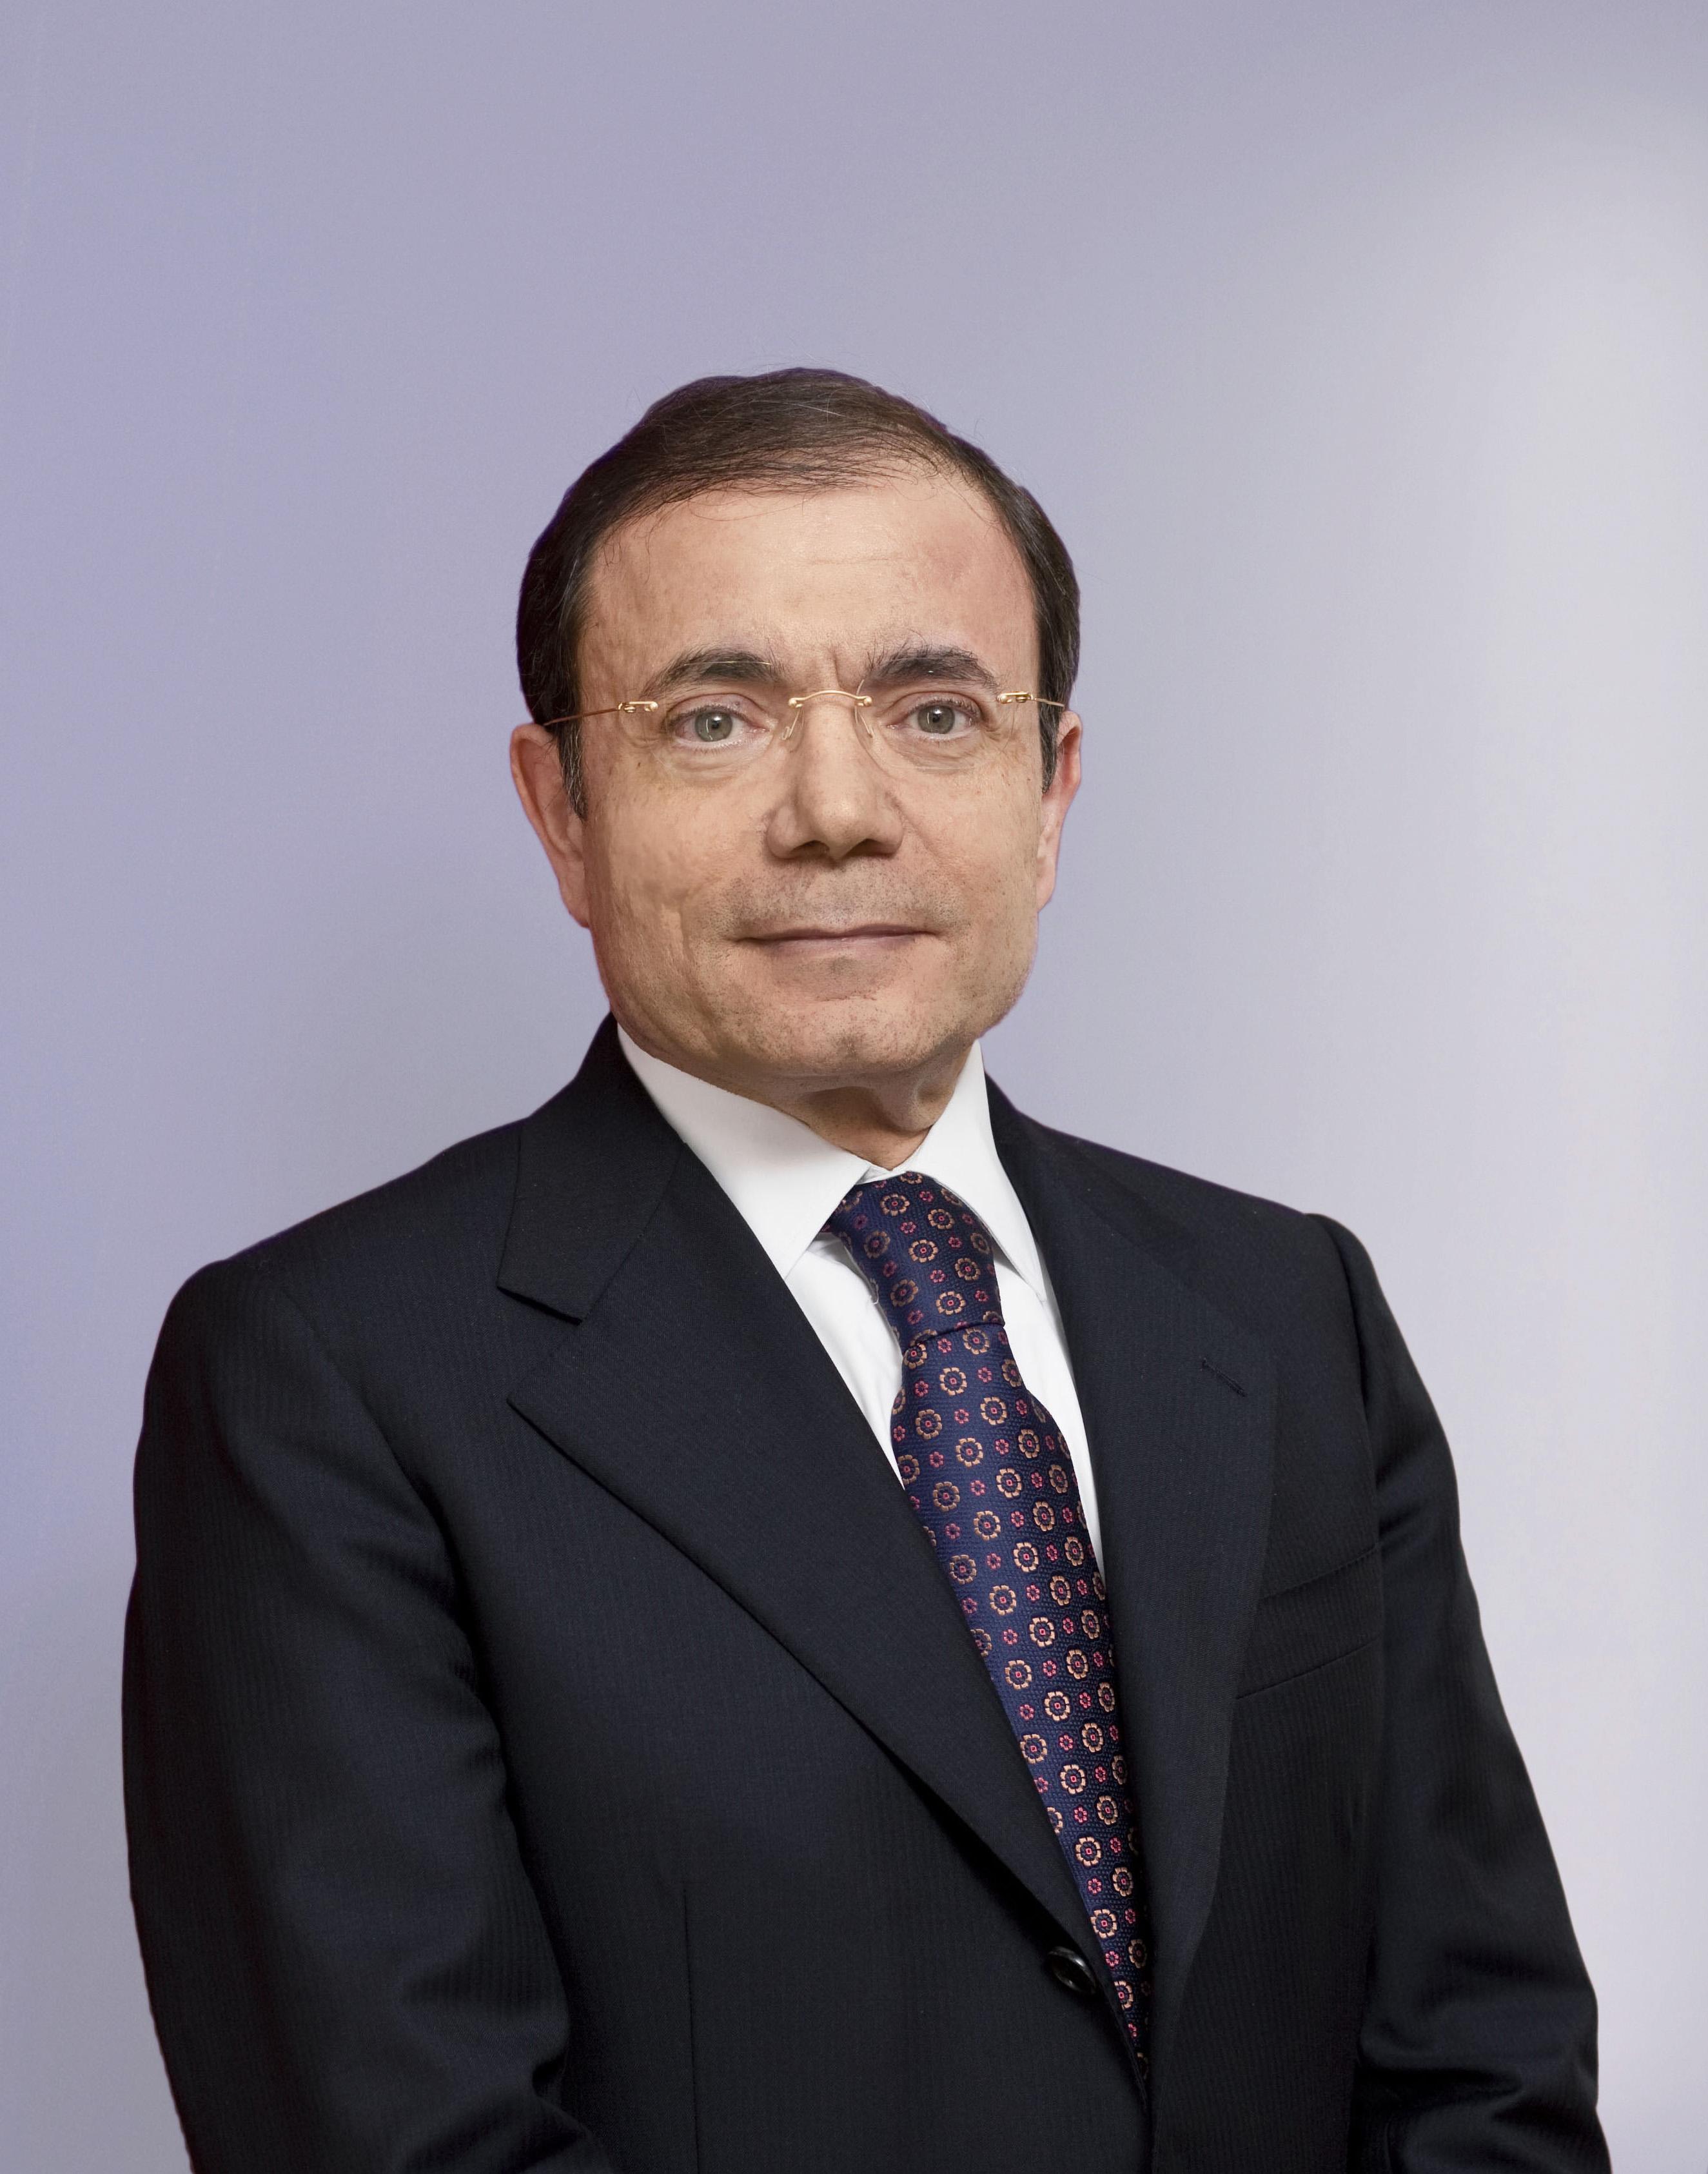 Qui est Jean-Charles Naouri ?